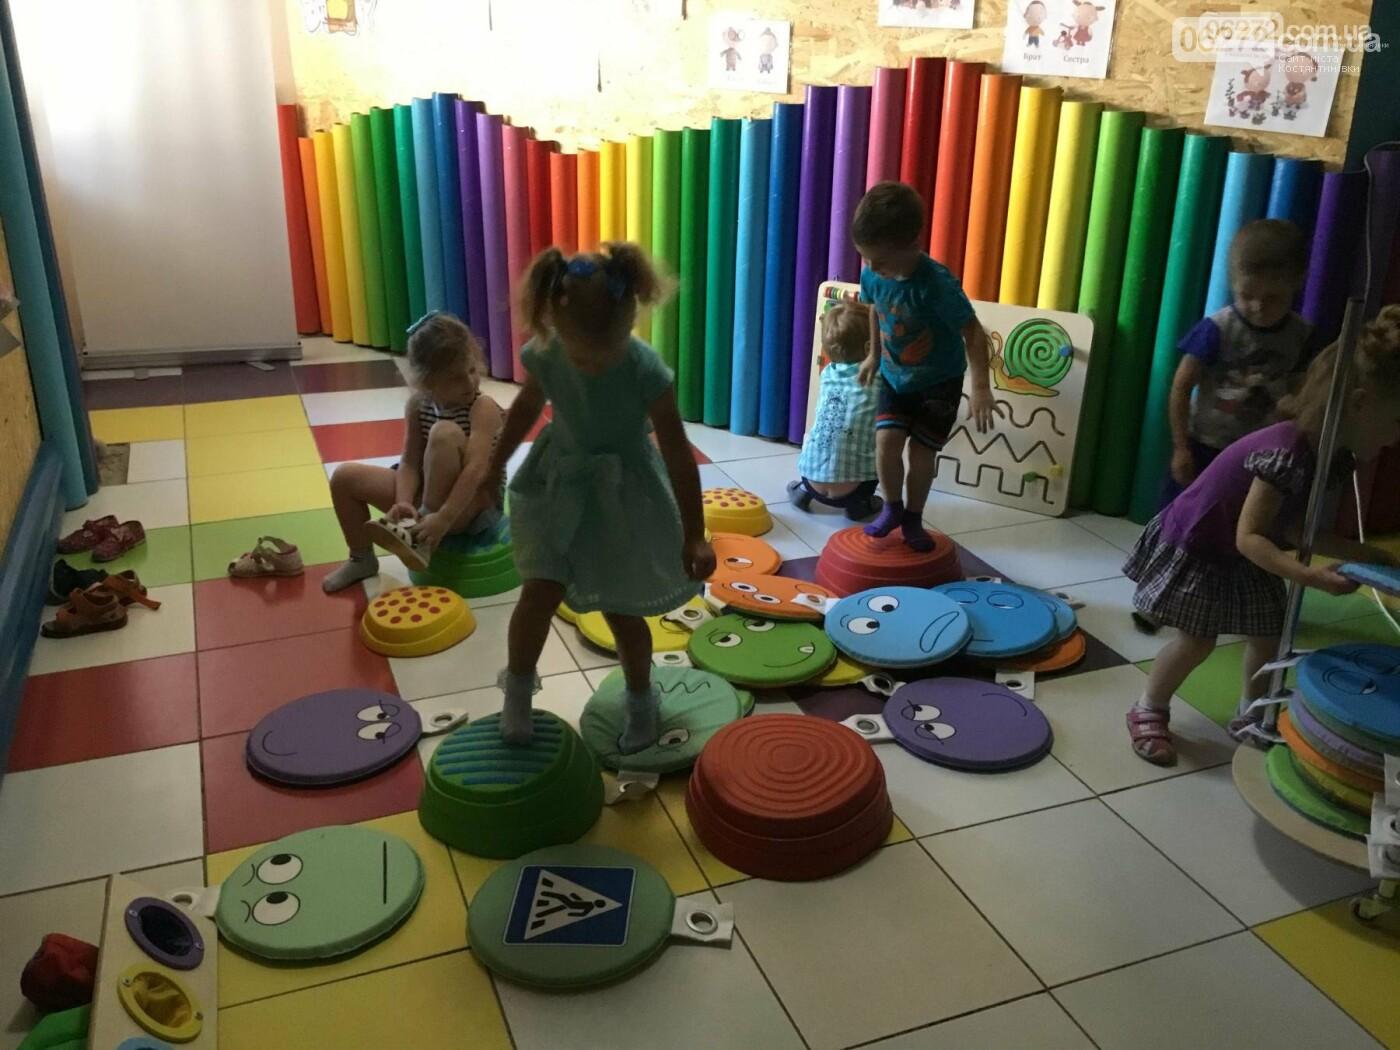 У Костянтинівці в дитячій інклюзивній групі з'явилось сучасне обладнання, фото-1